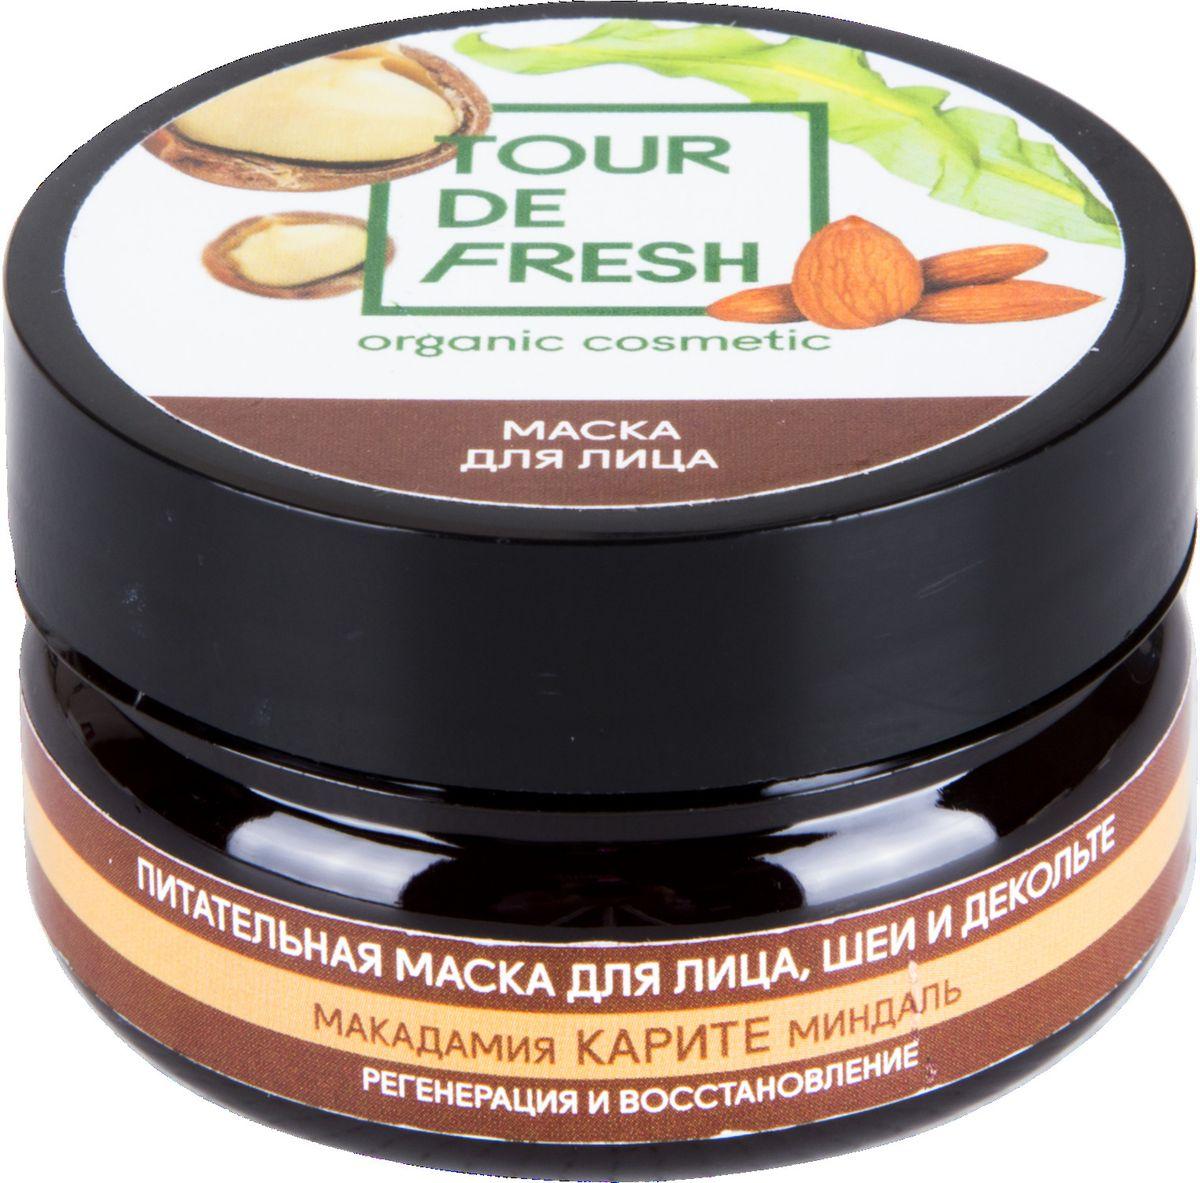 Tour De Fresh Питательная маска для лица, шеи и декольте Макадамия, каритэ и миндаль, 60 млУФ000000015Питательная маска для лица делает кожу бархатистой и мягкой. Миндальное масло глубоко питает клетки кожи, насыщает ее влагой и восстанавливает естественный PH-баланс. Масло карите уменьшает возрастные изменения, скрывая видимые недостатки на коже шеи и зоны декольте. Экстракт макадамии омолаживает кожу, придавая ей привлекательный и здоровый вид.